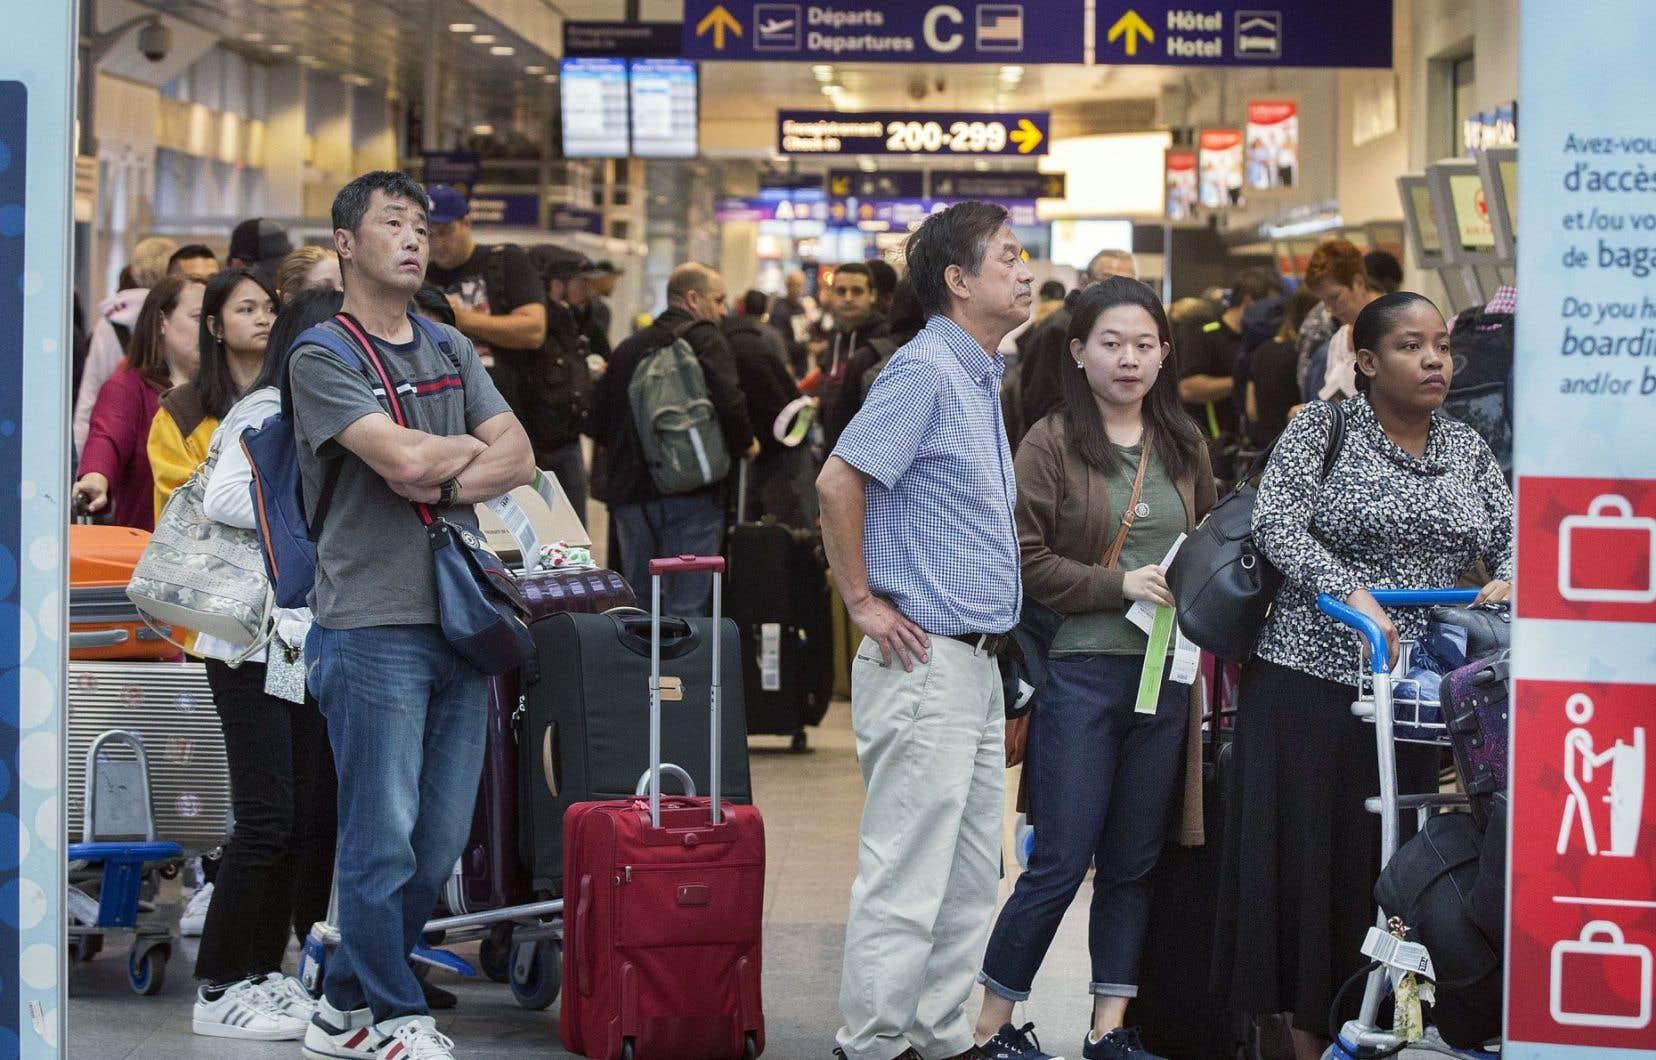 Ottawa veut mieux définir les droits des passagers aériens et les obligations des transporteurs, mais les choses vont trop lentement au goût du NPD.